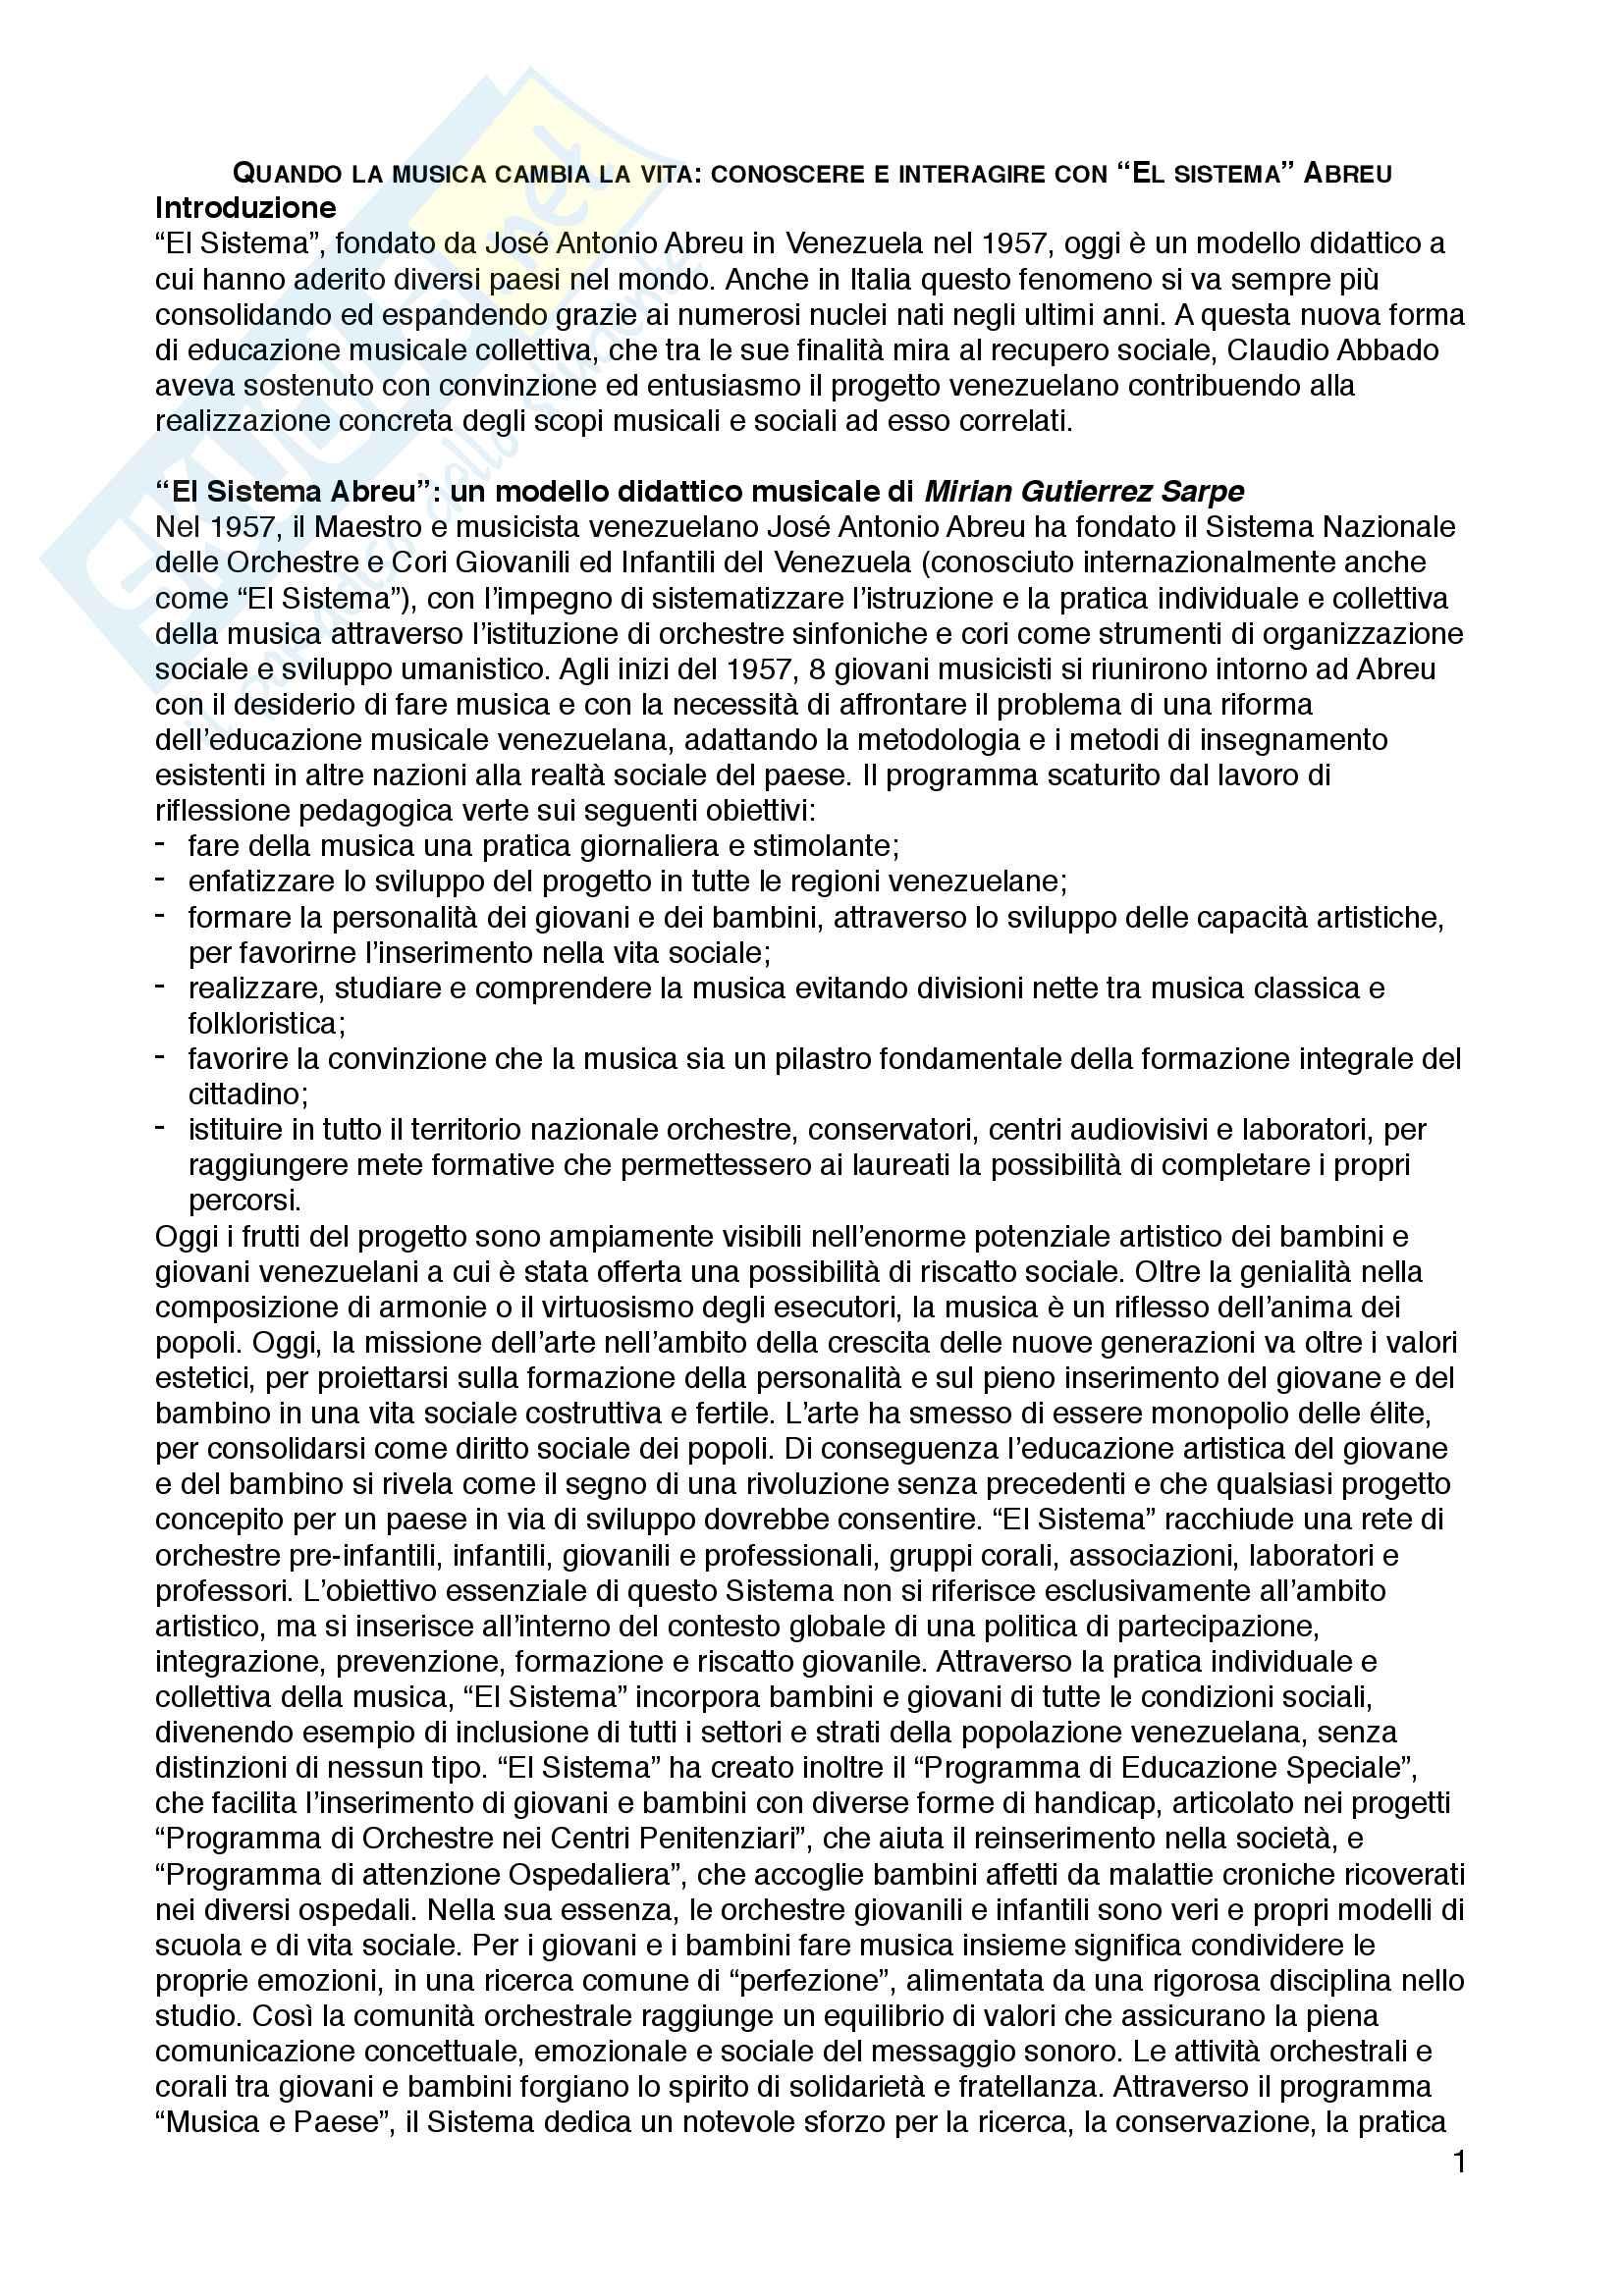 """Riassunto esame Musicologia e storia della musica, prof. Antonio Caroccia, libro consigliato """"Quando la musica cambia la vita: conoscere e interagire con """"El sistema"""" Abreu"""", Antonio Caroccia, Augusta Dall'Arche"""